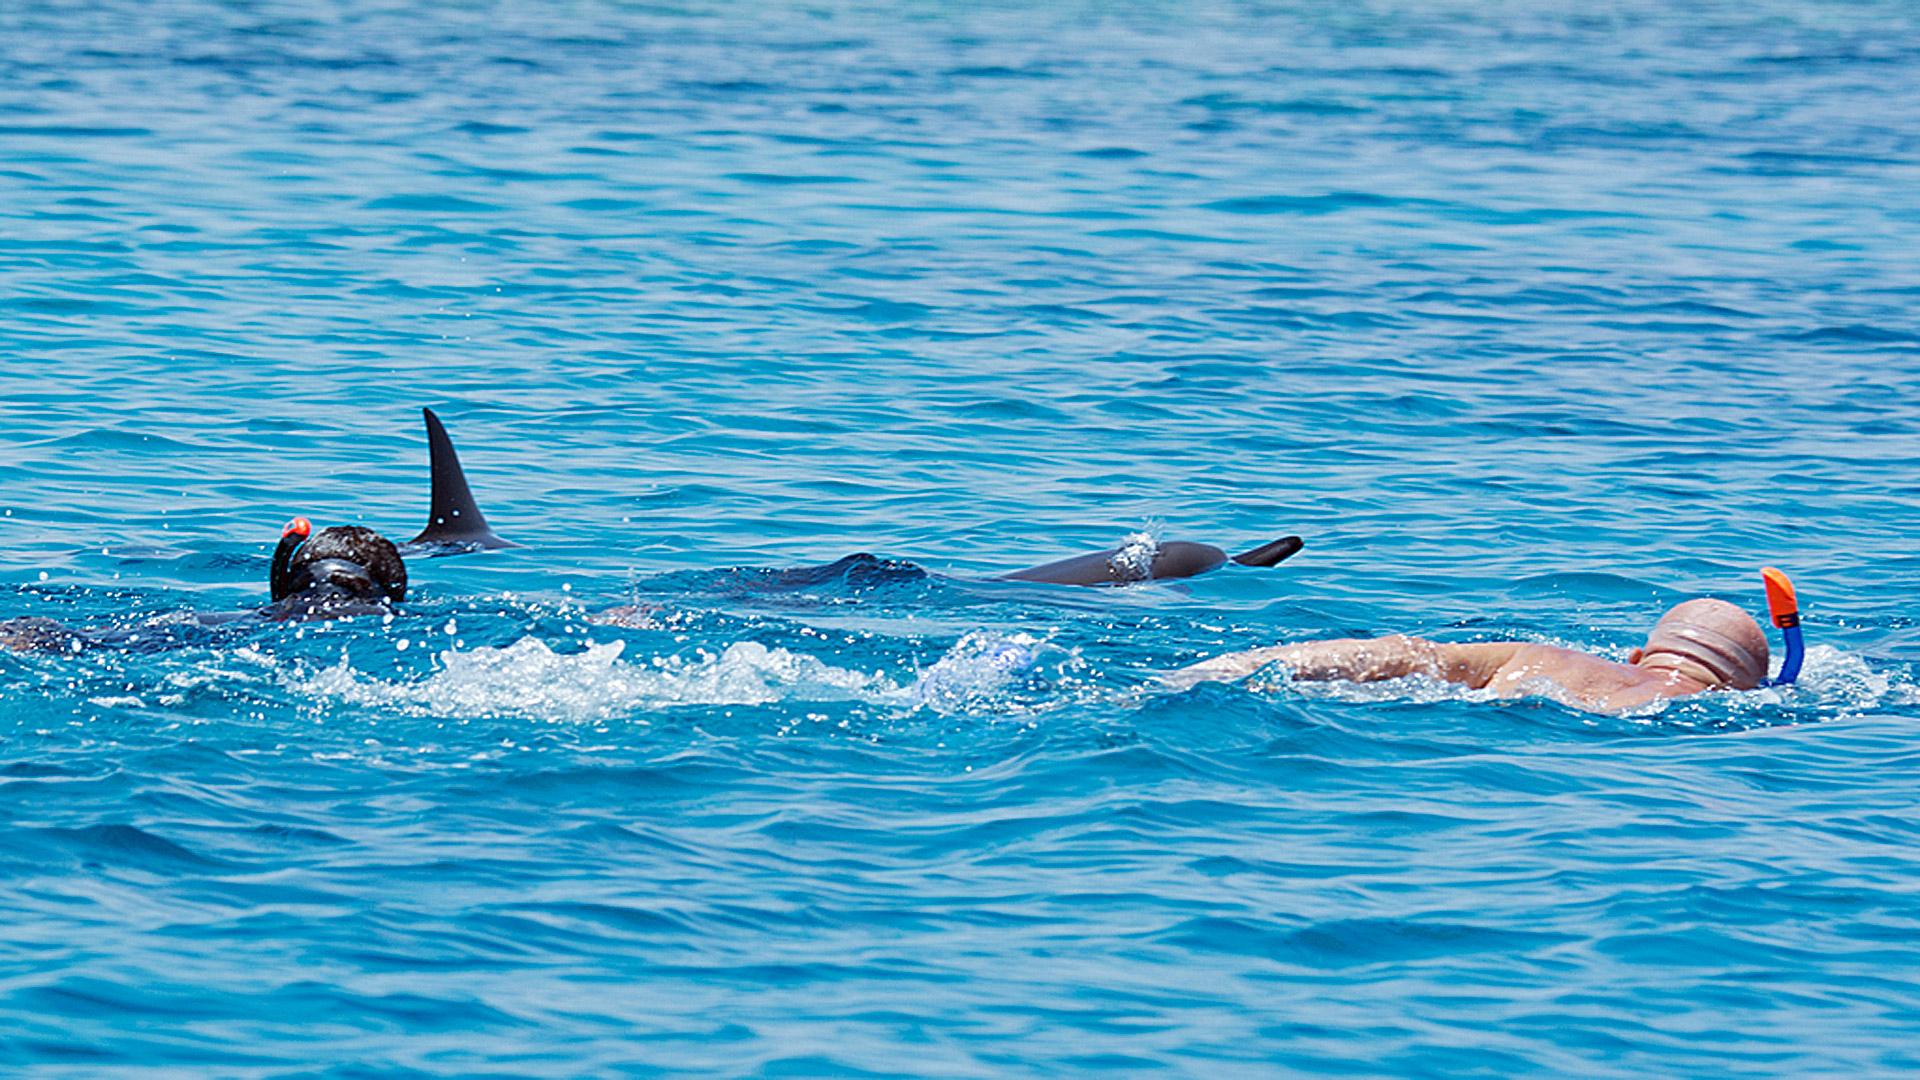 Warnung Vor Dem Schwimmen Mit Delfinen Im Roten Meer! - Grd bestimmt für Warum Heißt Das Rote Meer Rotes Meer